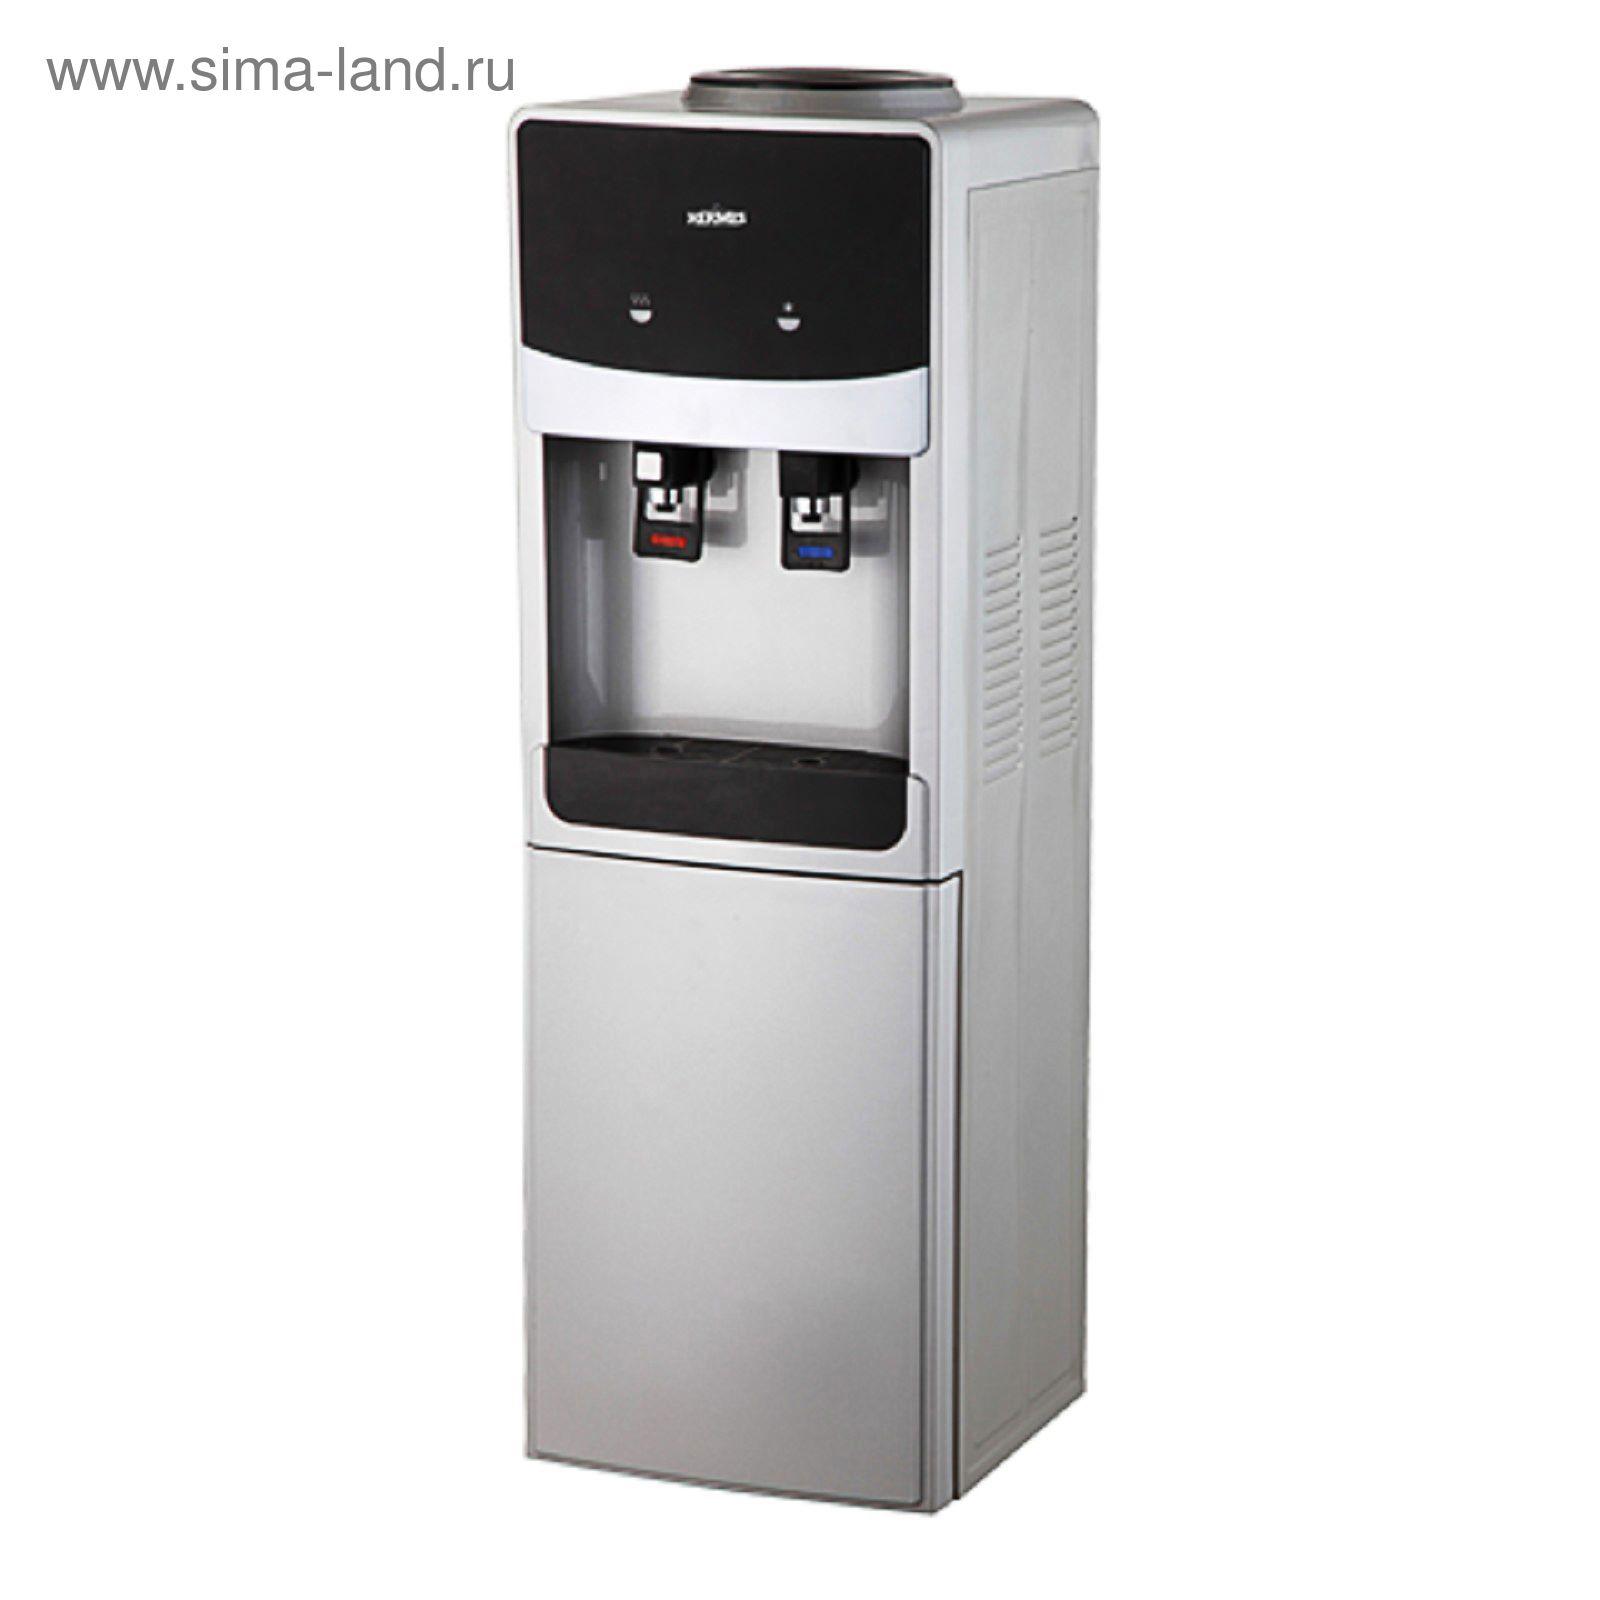 Кулер Hermes Technics HT-WD505M, для воды (1674519) - Купить по цене ... ddd33c90c0d